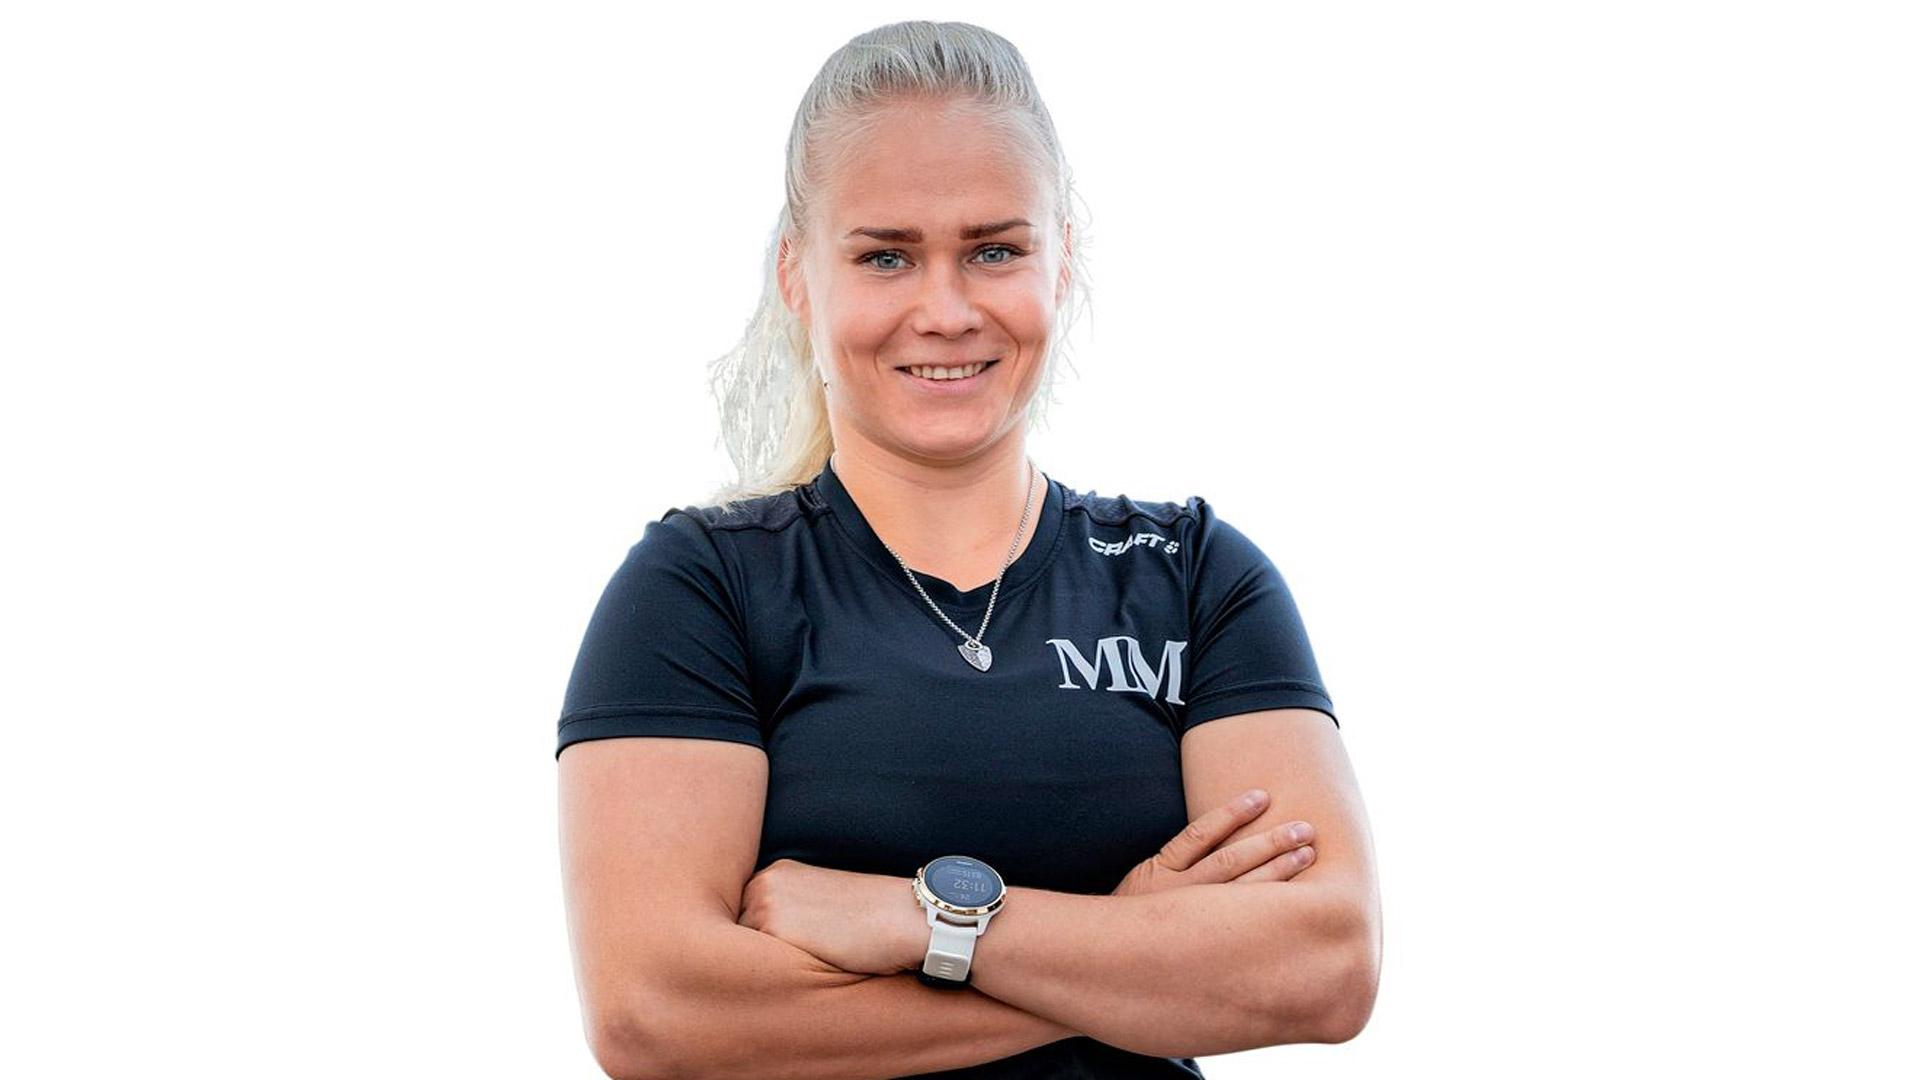 """""""Yritän pitää omaakin kuntoa vähän yllä. Olen käynyt hiihtelemässä ja sen sellaista"""", valmennushommiin siirtynyt entinen painija Petra Olli kertoi."""